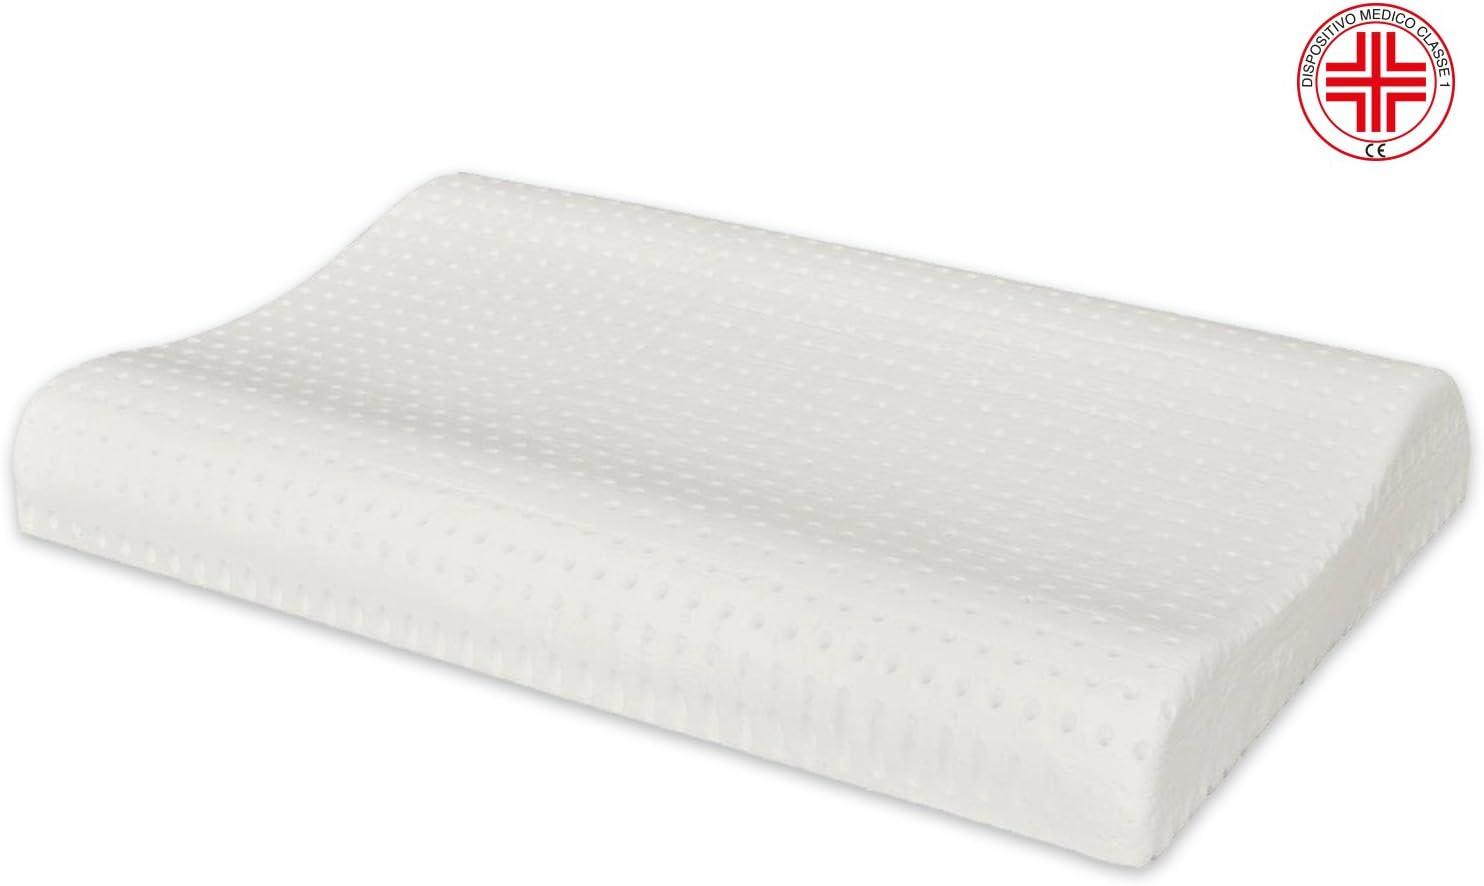 Marcapiuma – Cojín de Memory Foam modelo doble onda con funda 100% algodón almohada Memory ortopédica contra dolor cuello y cervicales dispositivo médico extraíble 19% de las tazas